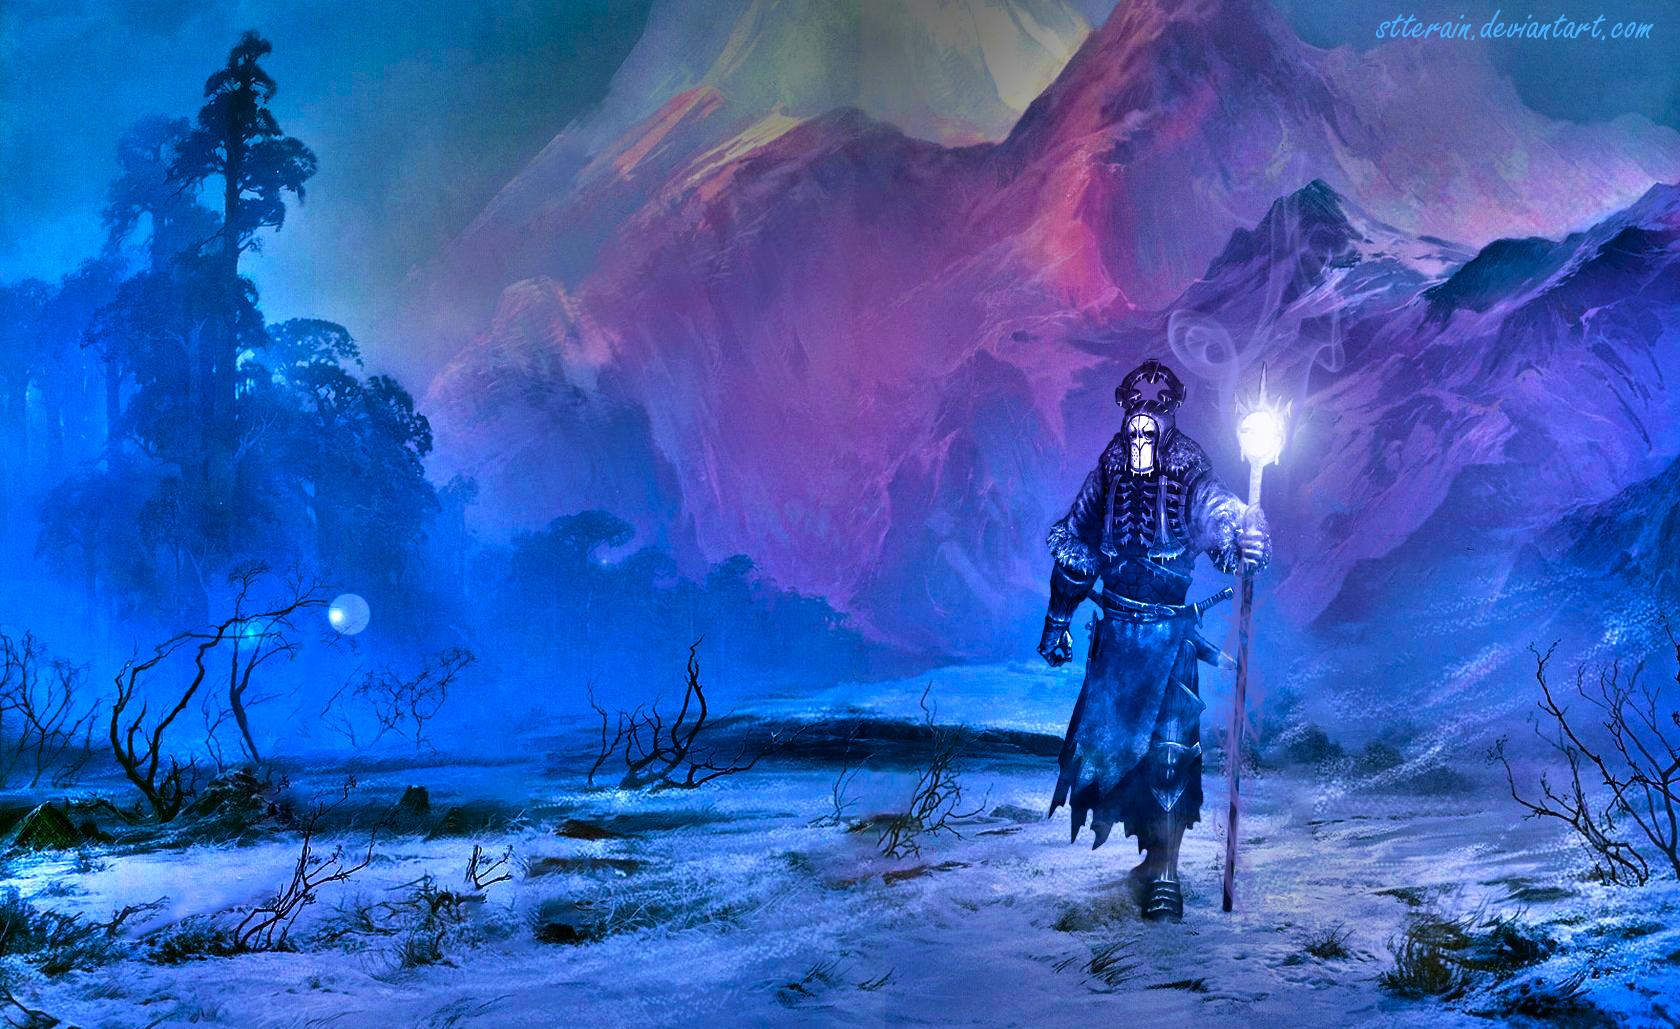 Witcher 3 general caranthir by stterain on deviantart - Caranthir witcher ...